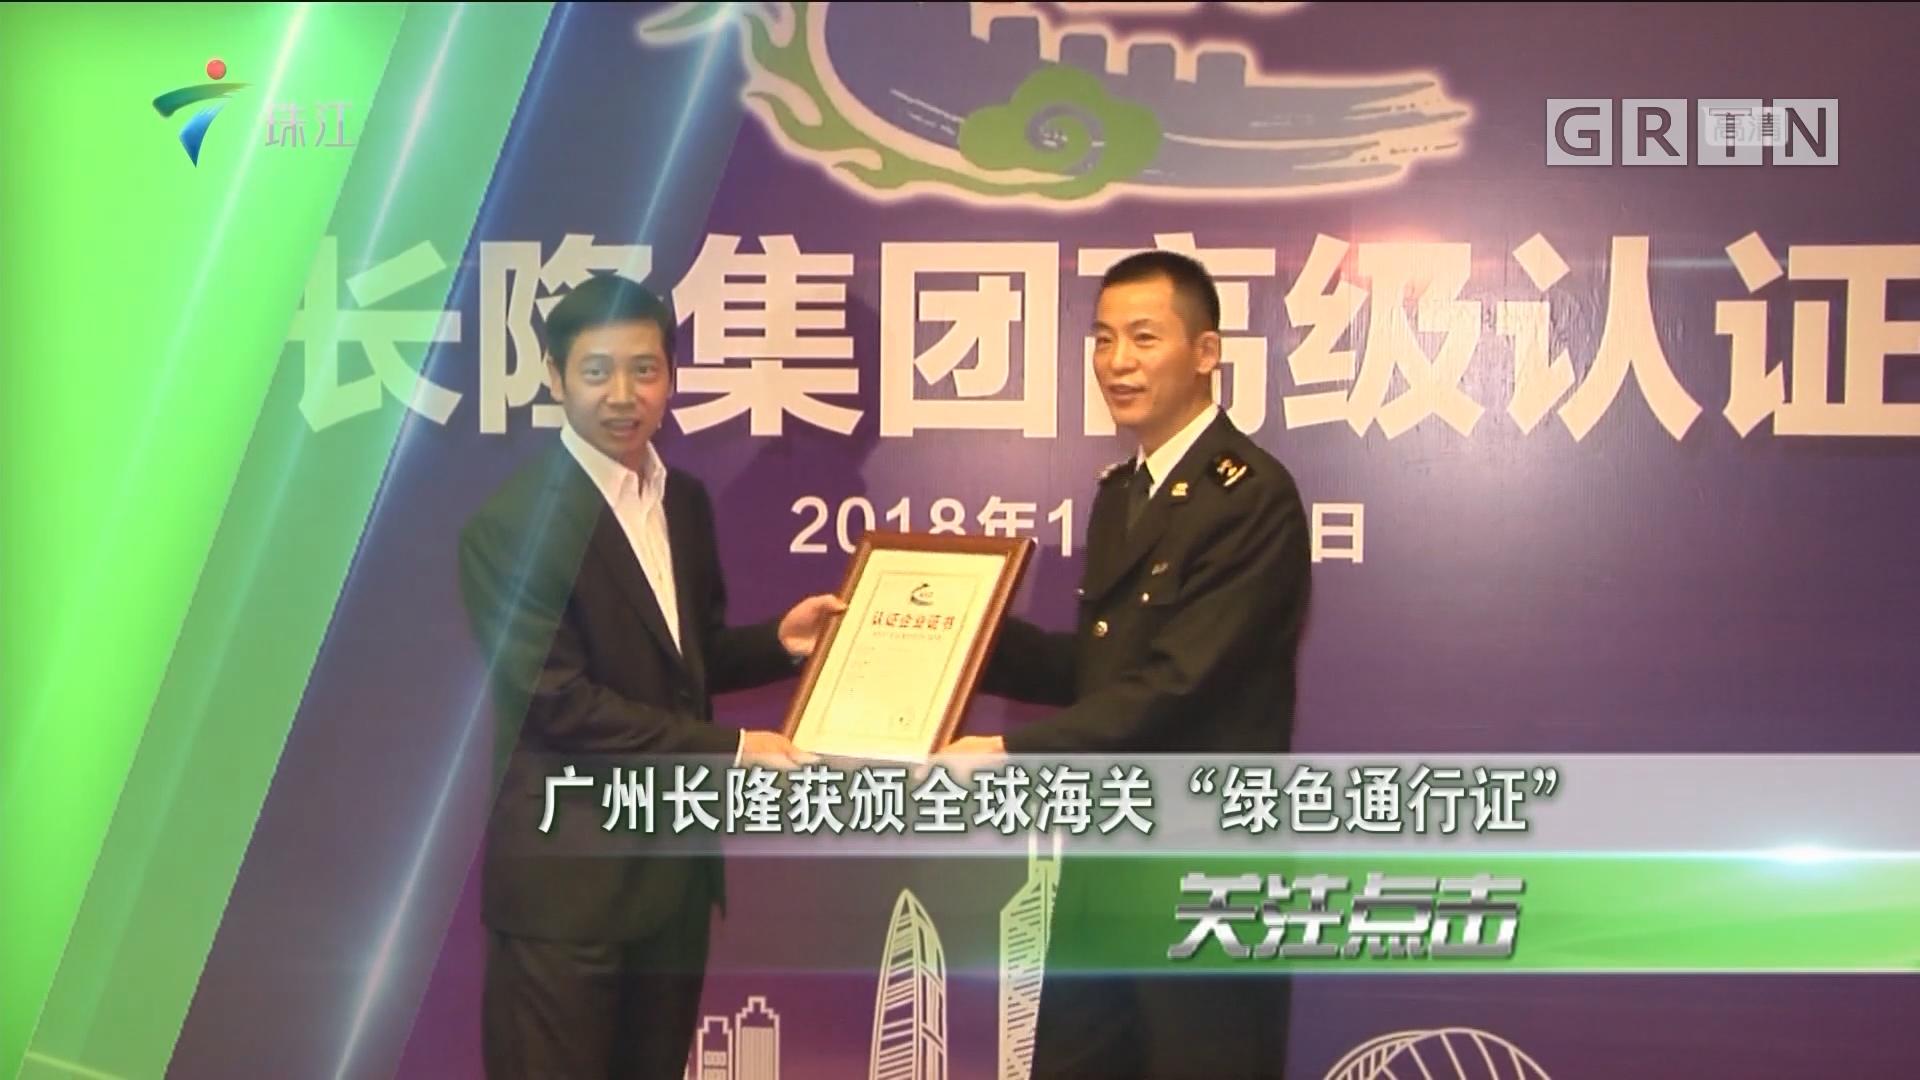 """广州长隆获颁全球海关""""绿色通行证"""""""